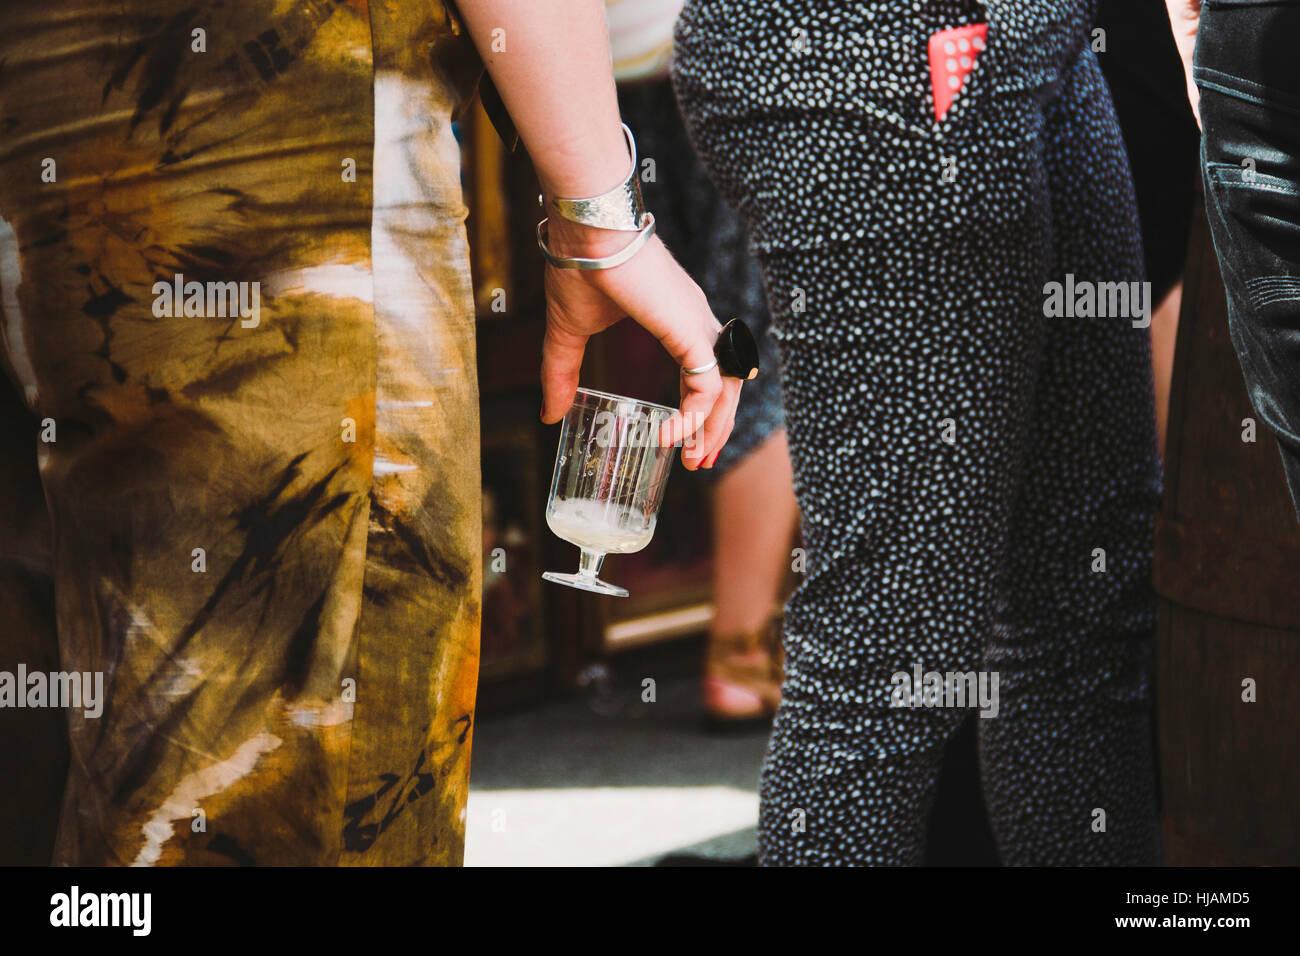 Partie inférieure d'une femme avec un verre de vin dans une partie en plein air. Photo Stock